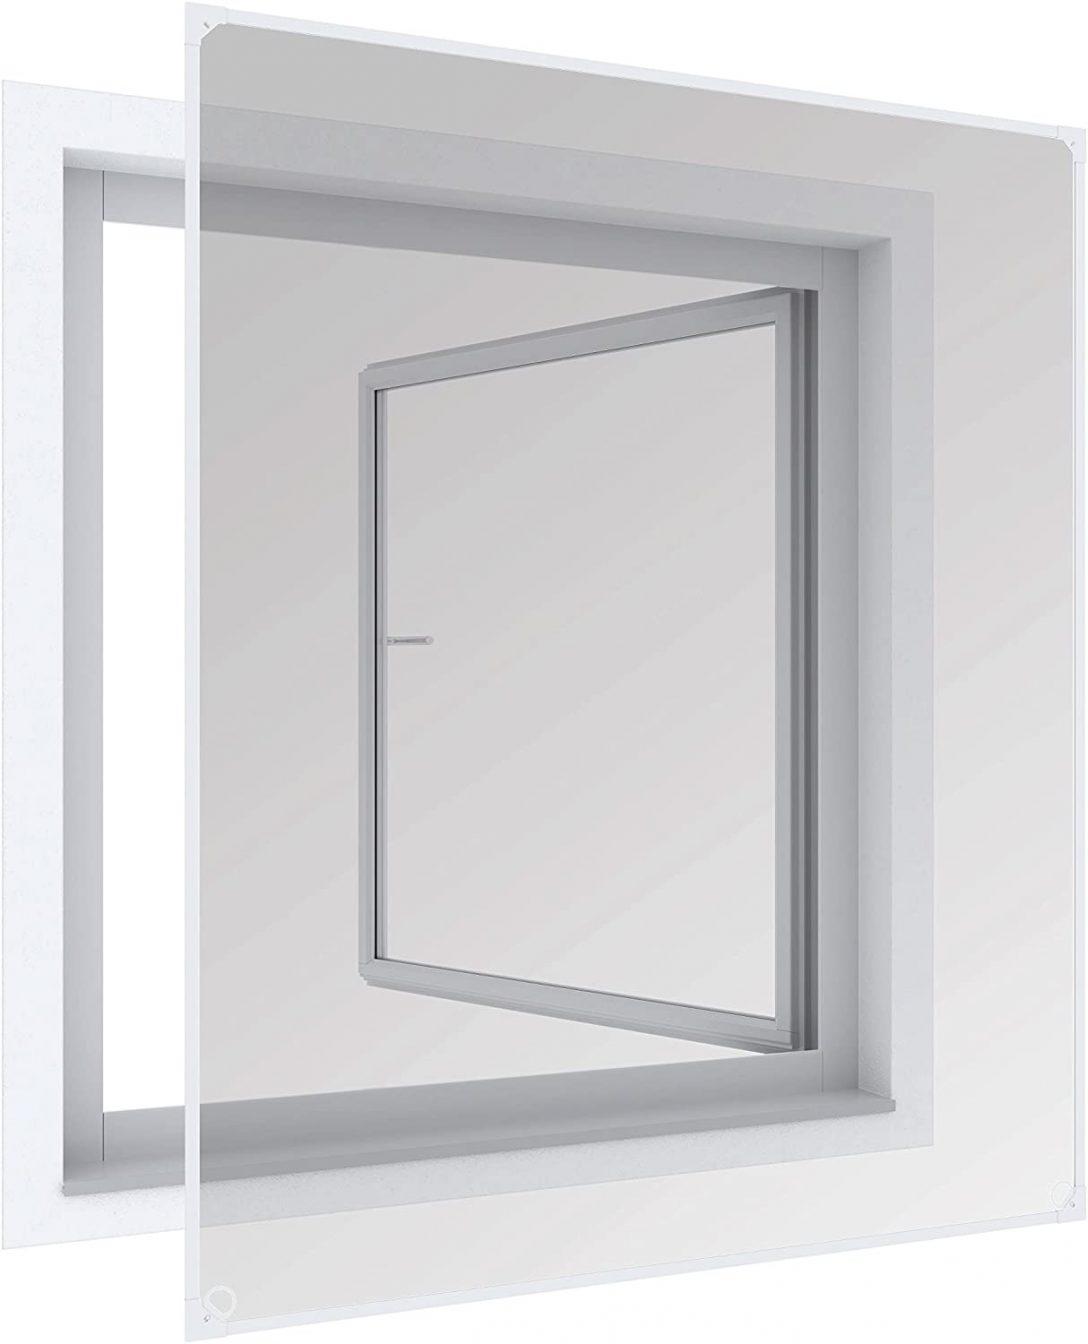 Large Size of Fenster 120x120 Windhager Insektenschutz Magnetfenster Magnet Rahmen Fr Für Ebay Neue Einbauen Schüco Austauschen Kosten Sicherheitsfolie Polen Mit Lüftung Fenster Fenster 120x120